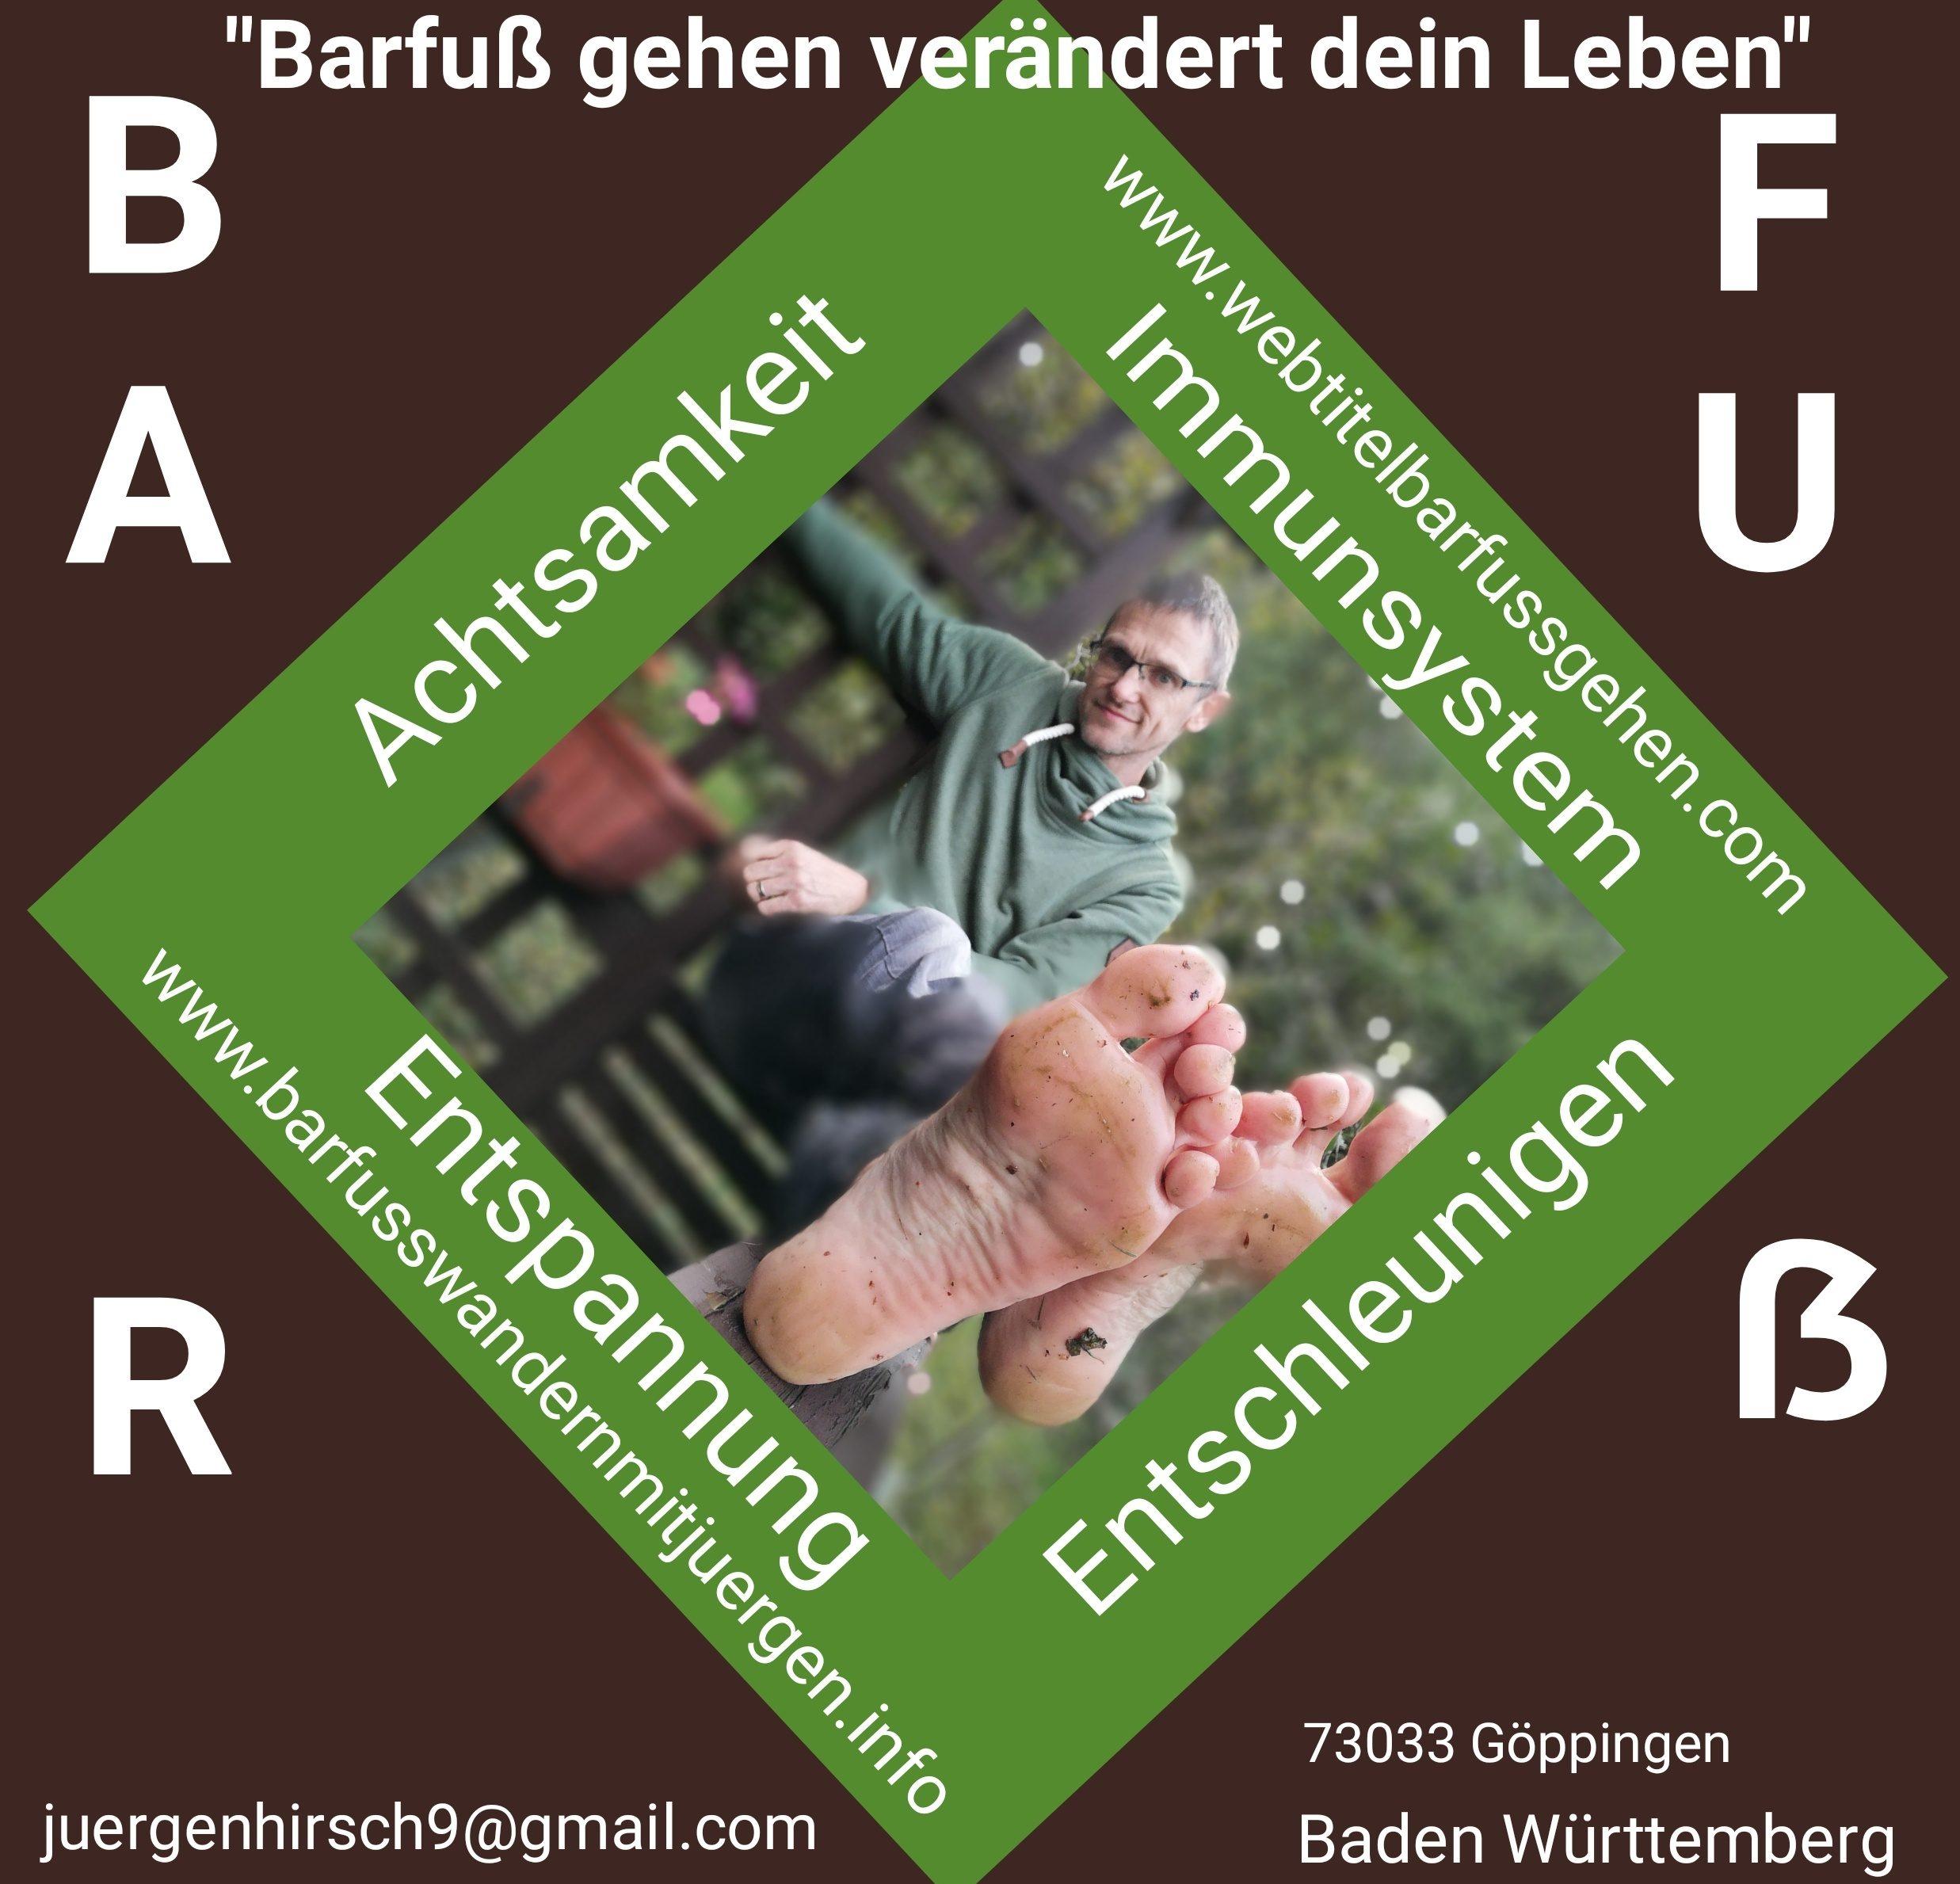 Barfussgehen – verändert dein Leben/Jürgen Hirsch/Göppingen/ Baden Württemberg